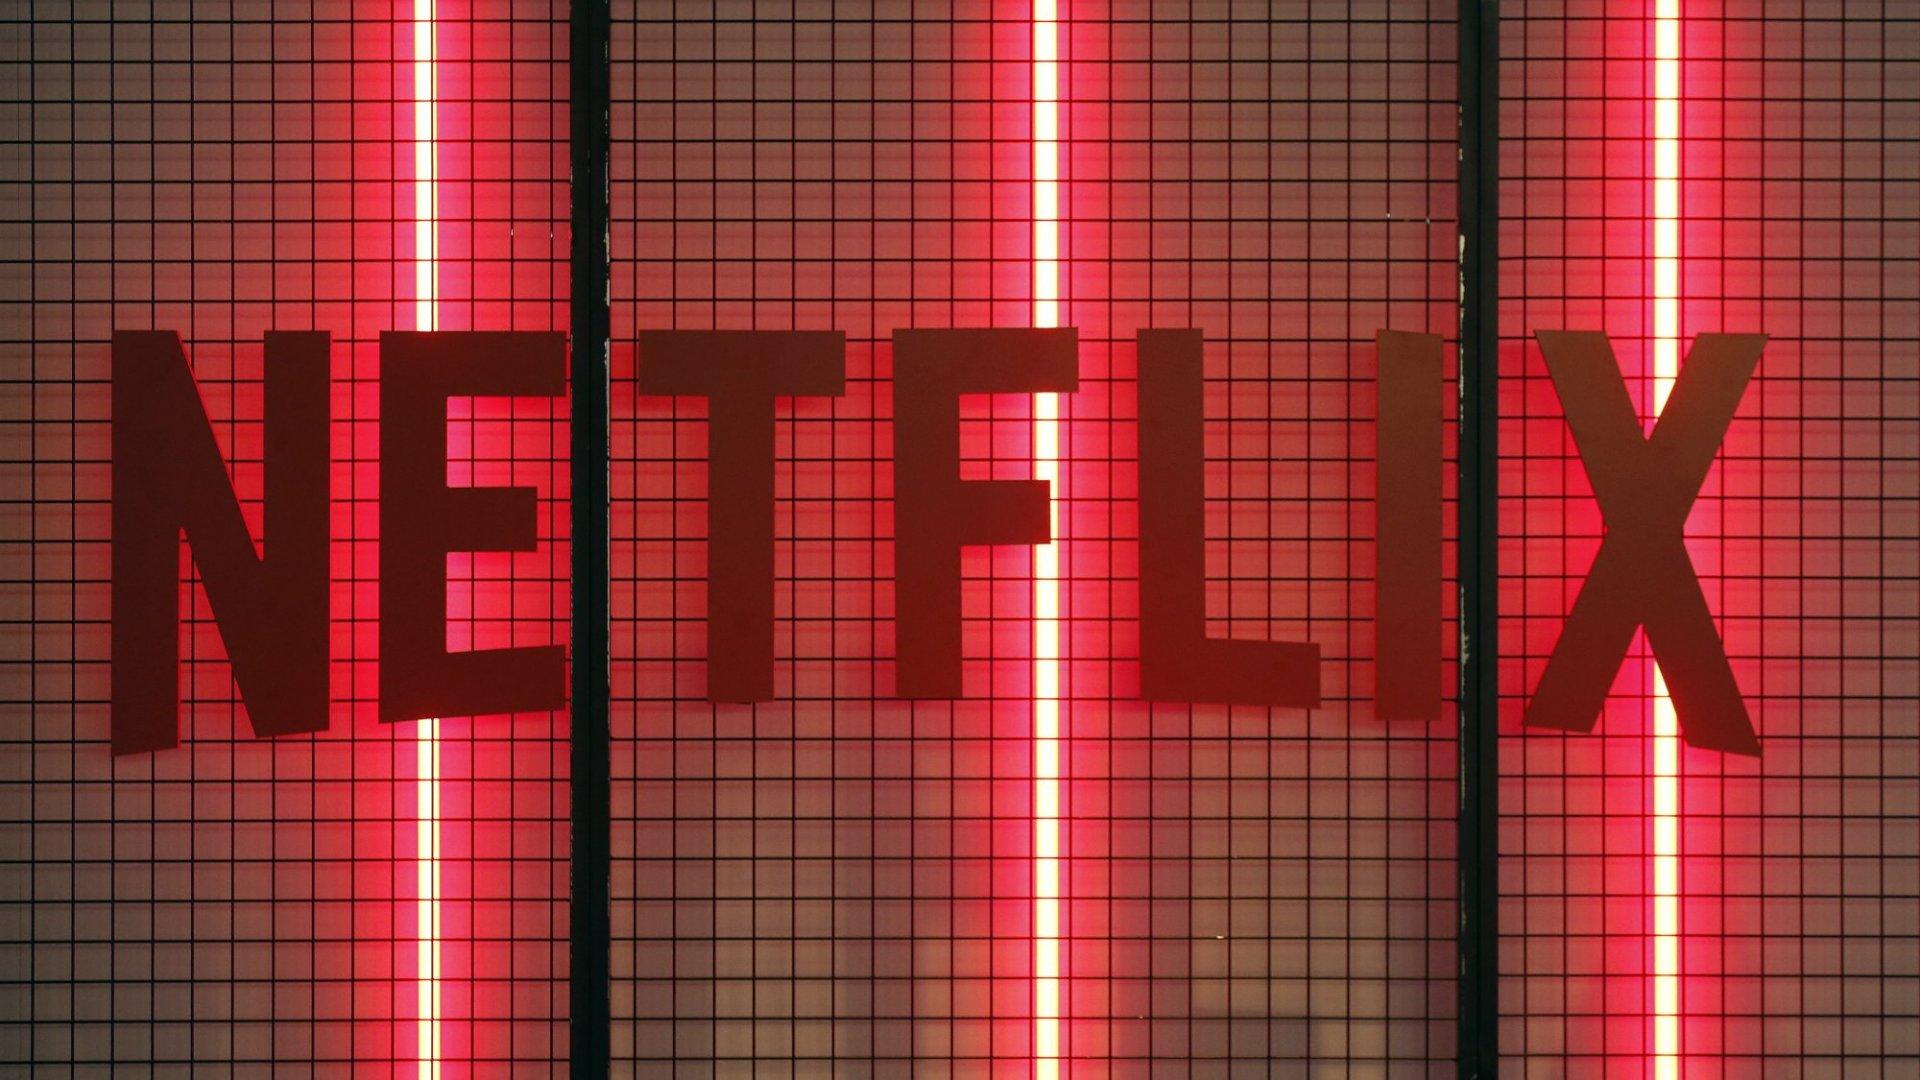 В Netflix до конца года добавят 100 русских фильмов и сериалов